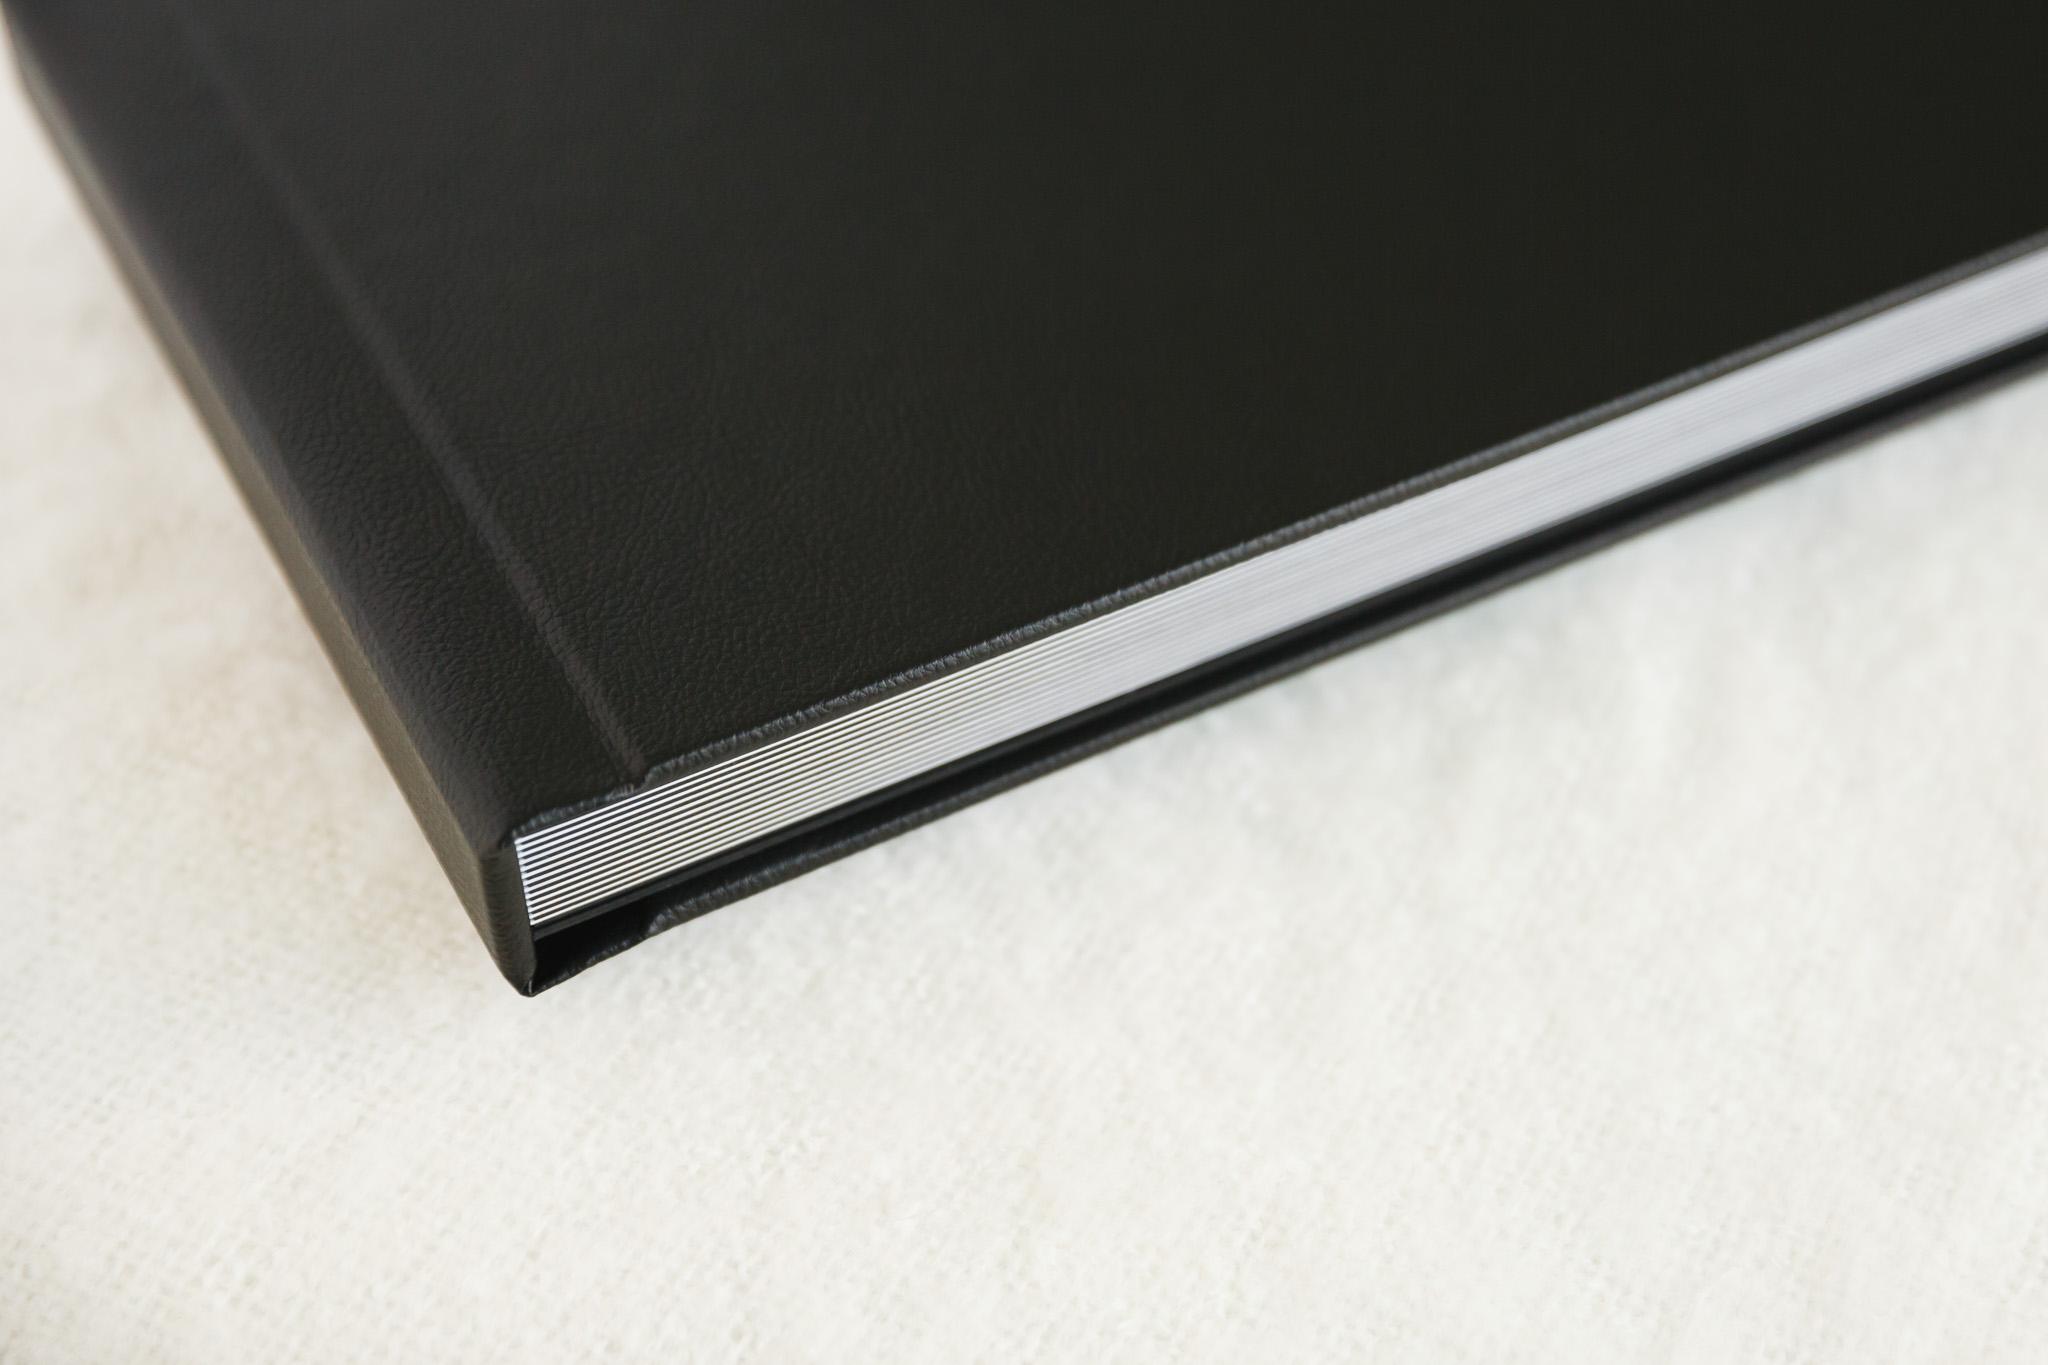 Album with Black Premium Leather